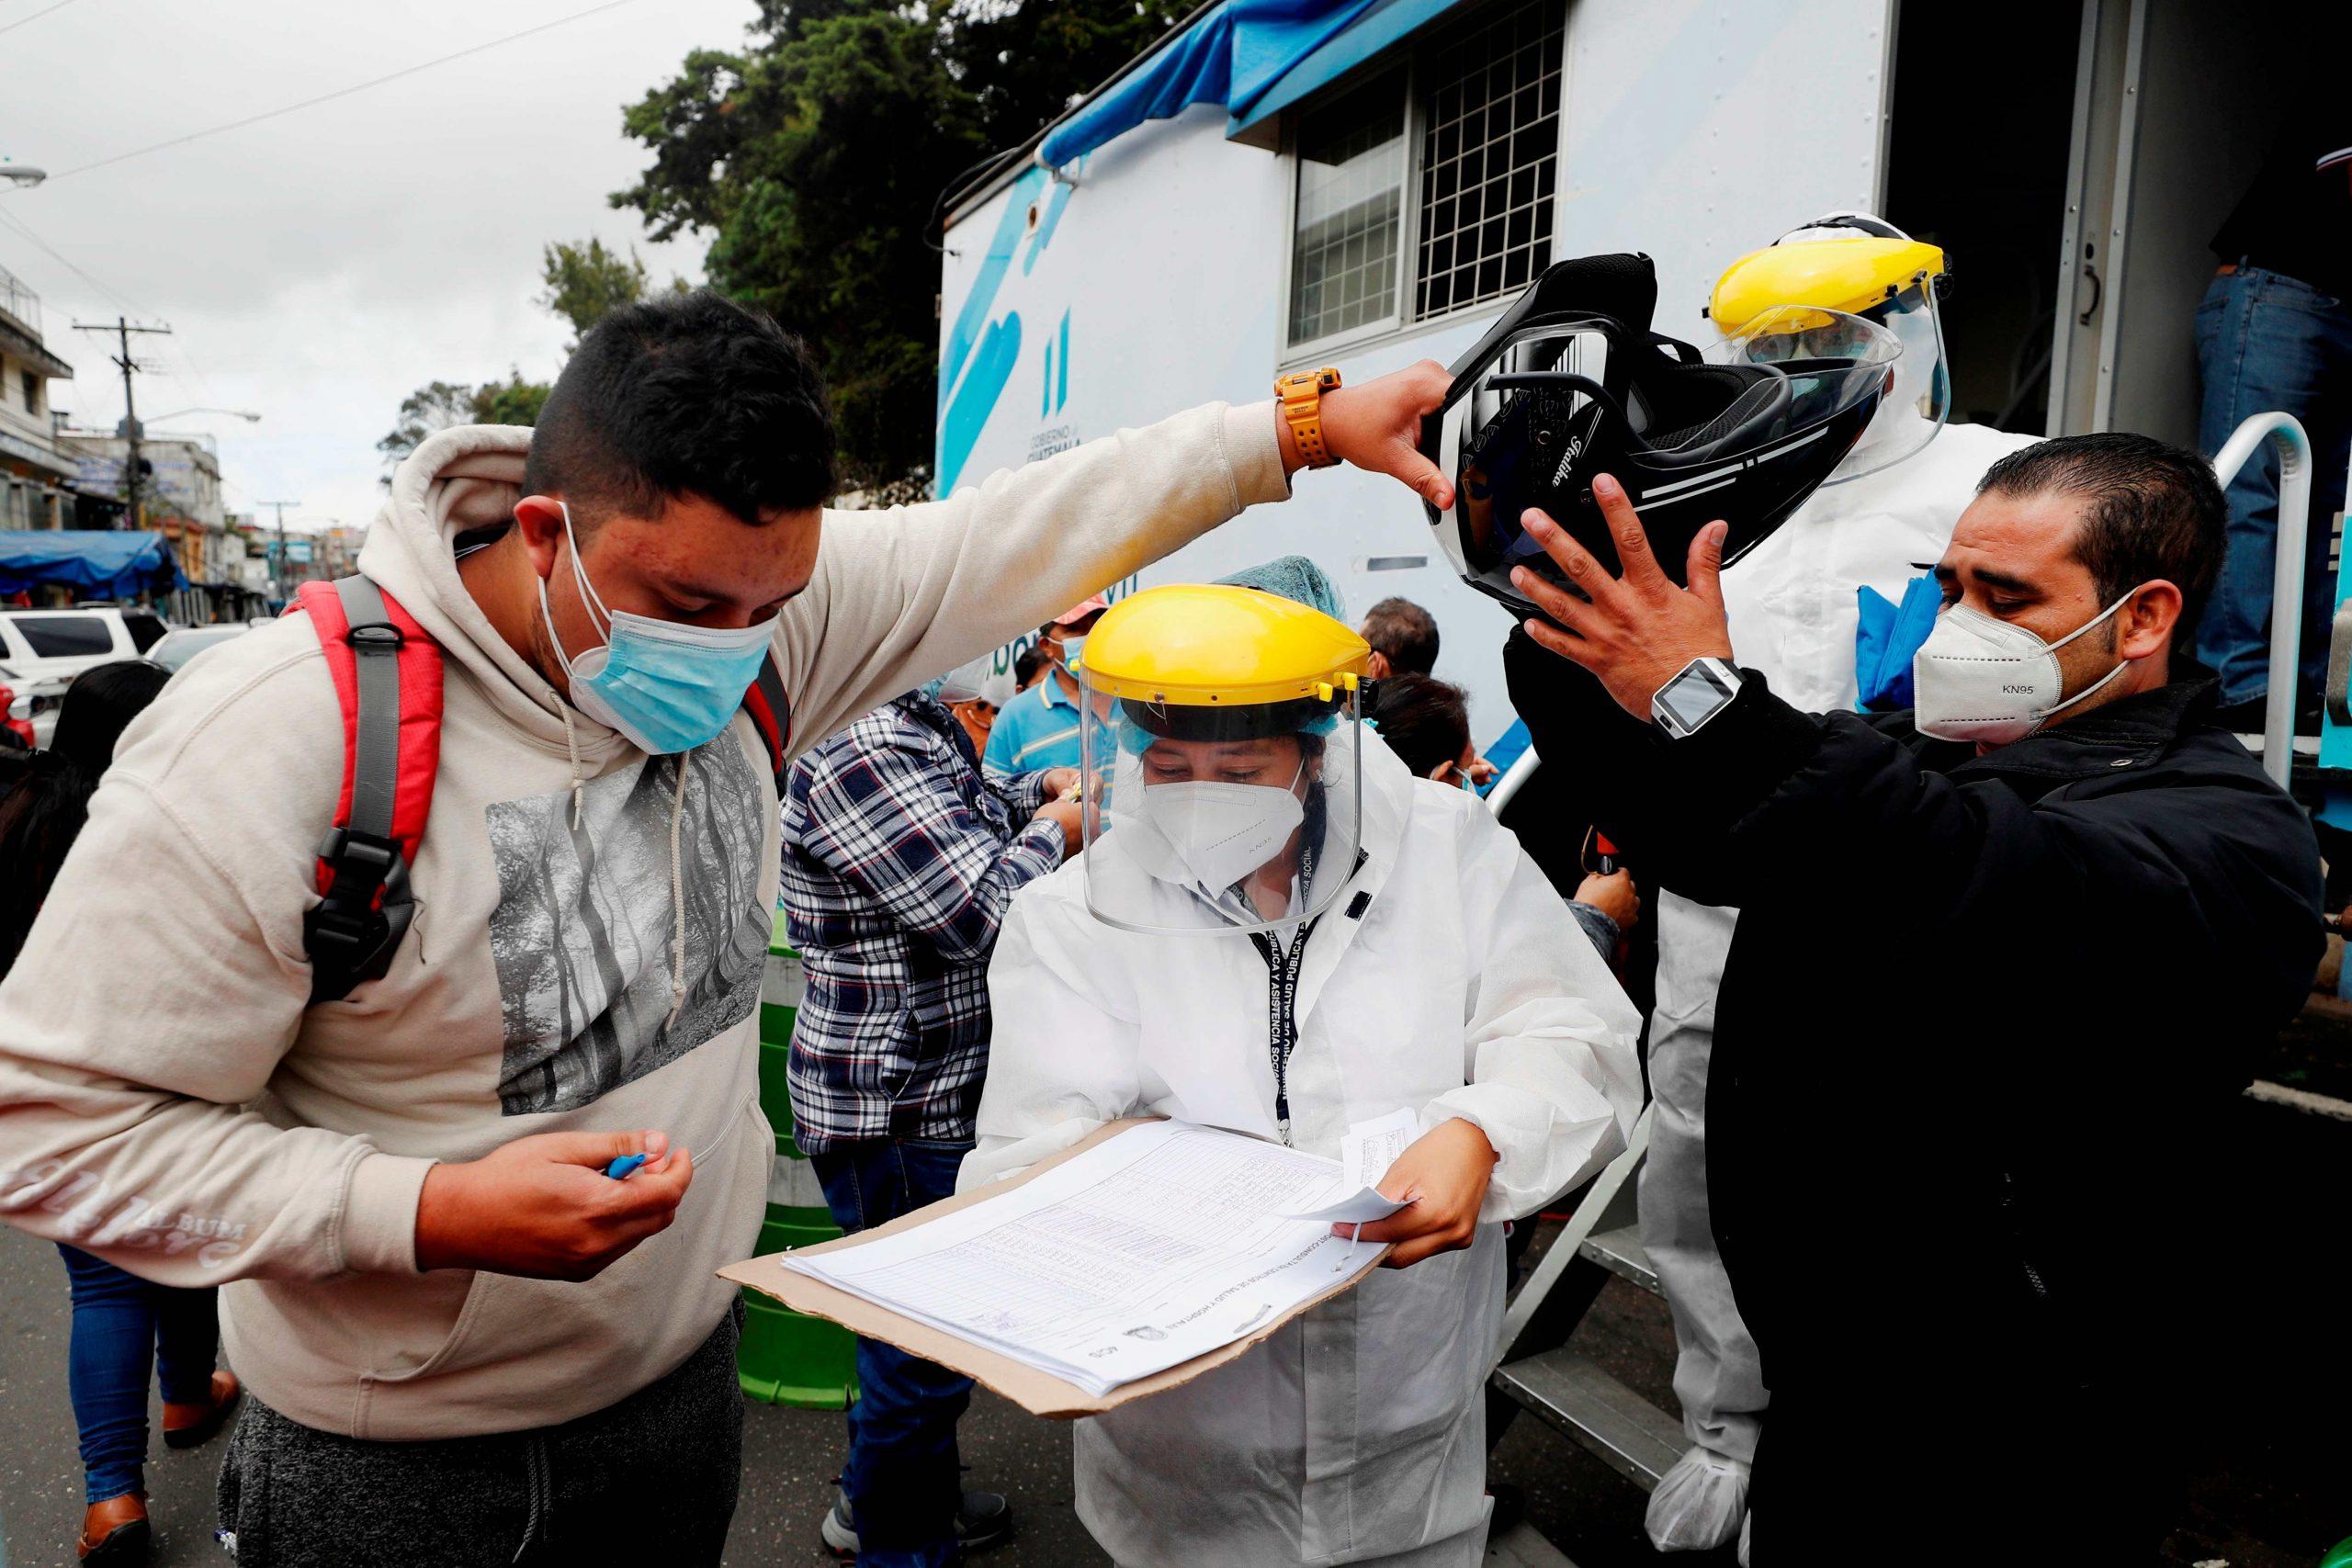 Cacif exige transparencia al Gobierno en el uso de recursos destinados a combatir la pandemia - Prensa Libre